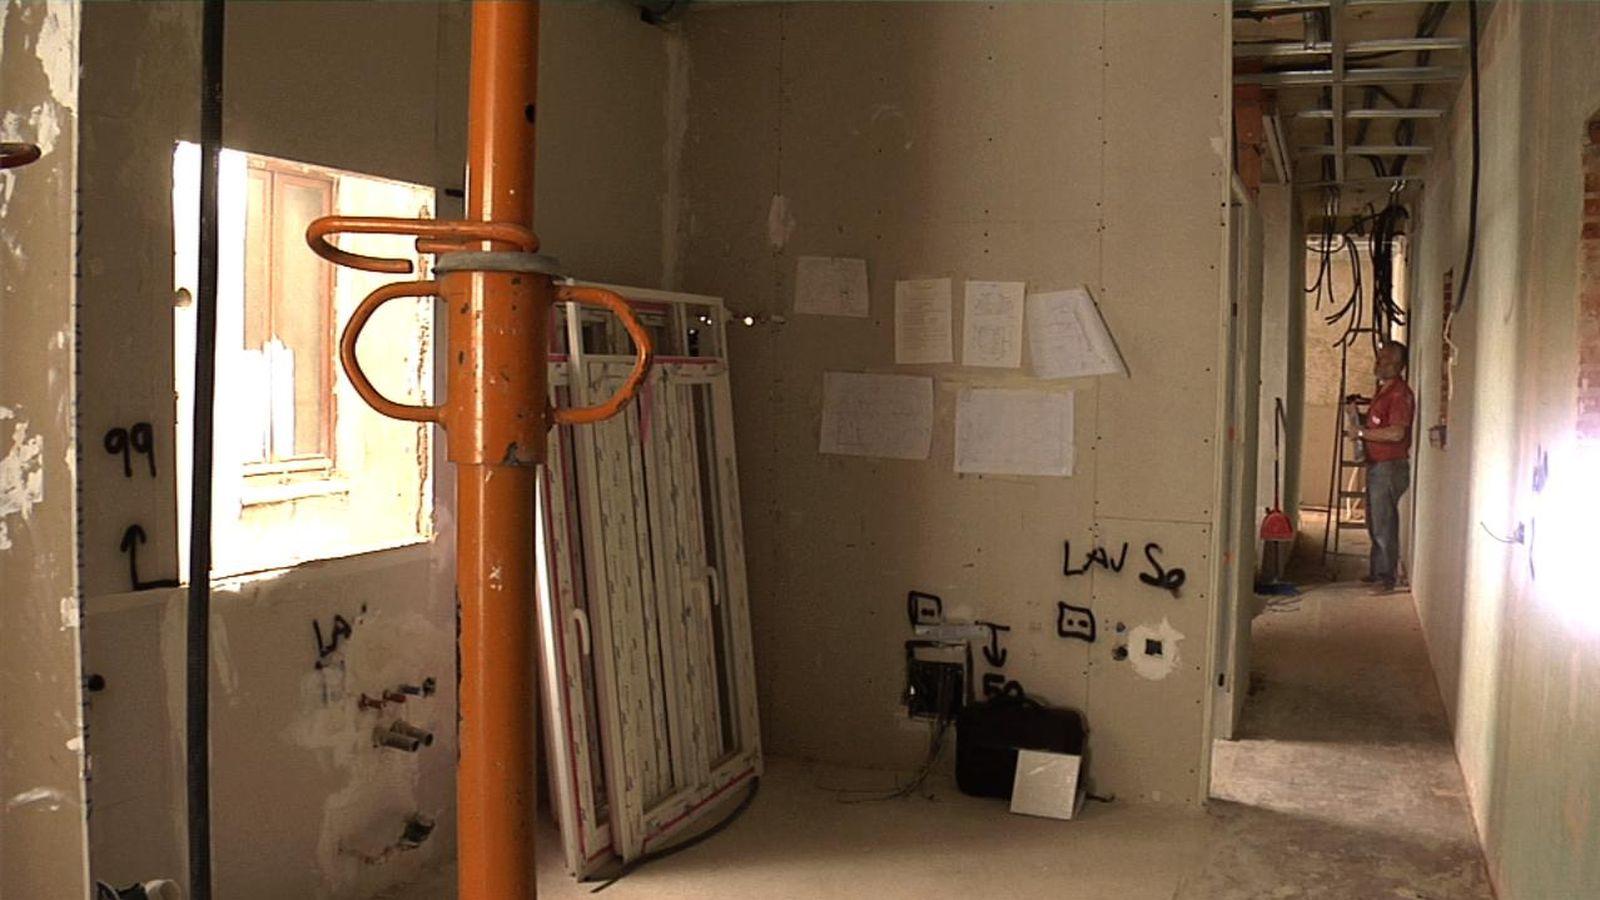 Vivienda una casa antigua vieja y mal conservada puede - Rehabilitar casa antigua ...